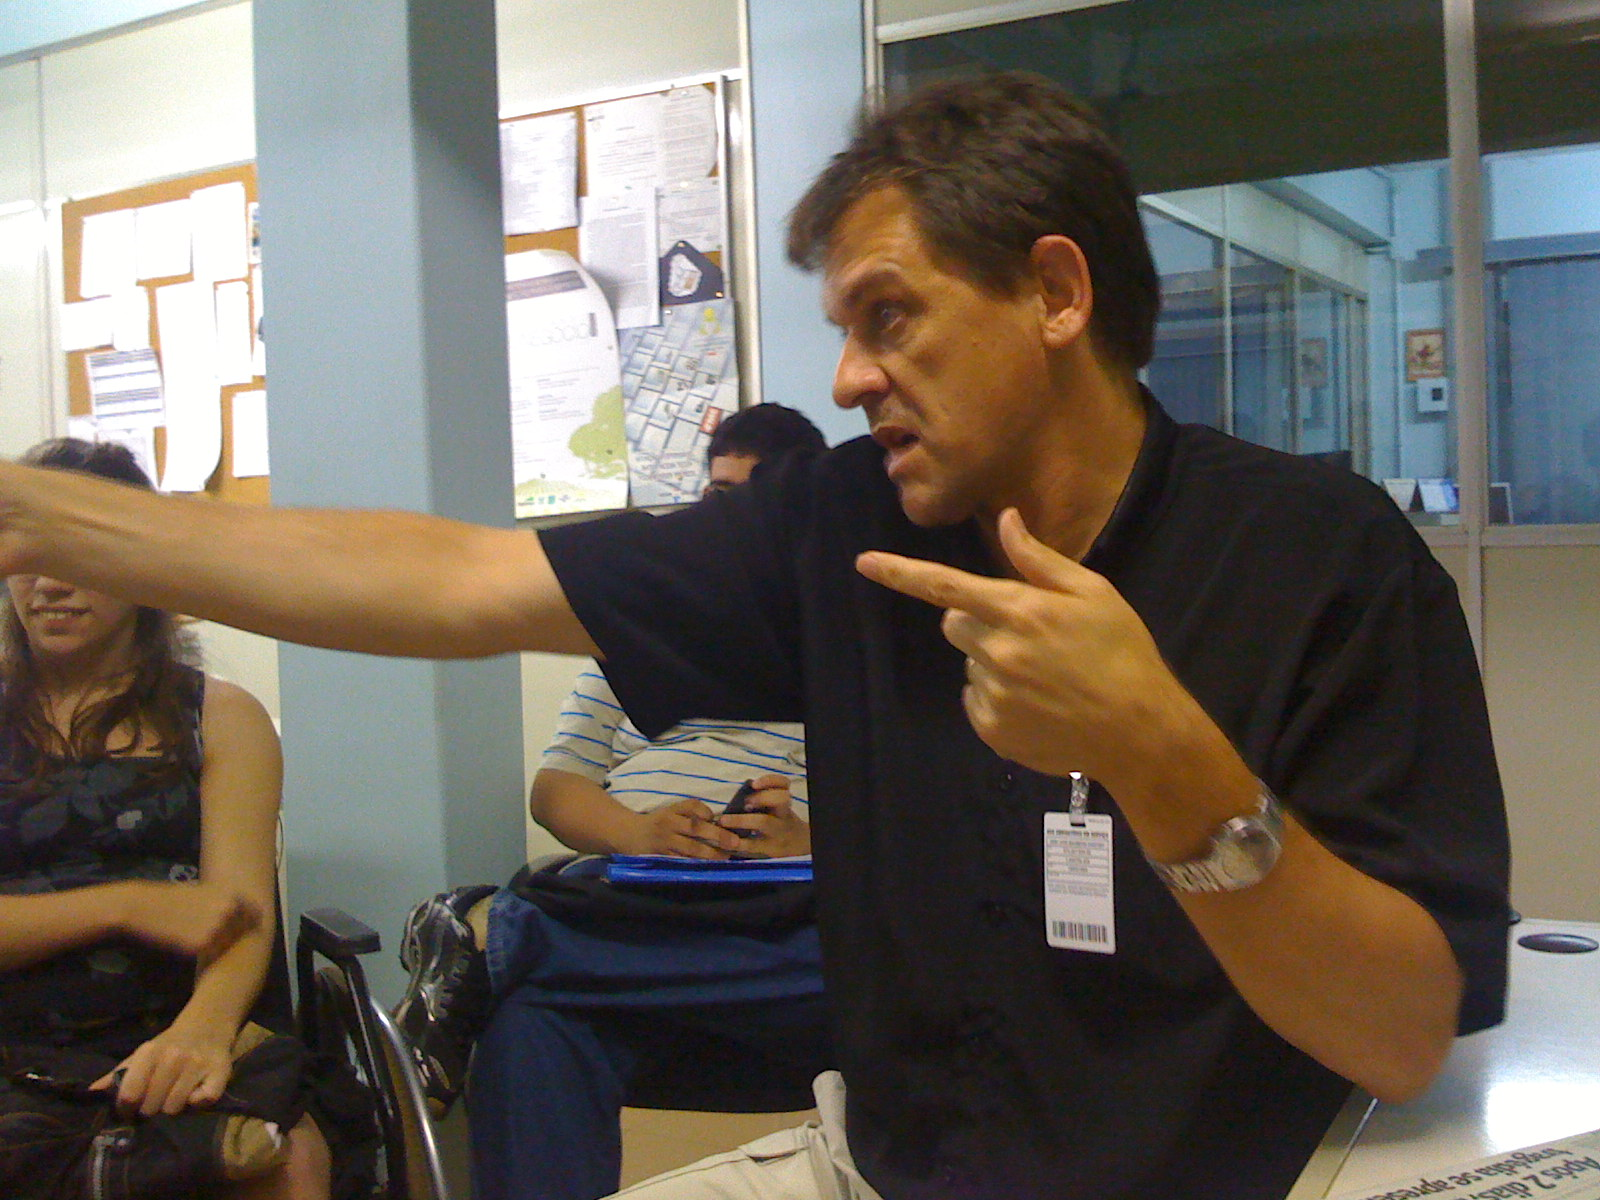 Jornalista e editor do Correio do Estado, Neri Kaspary